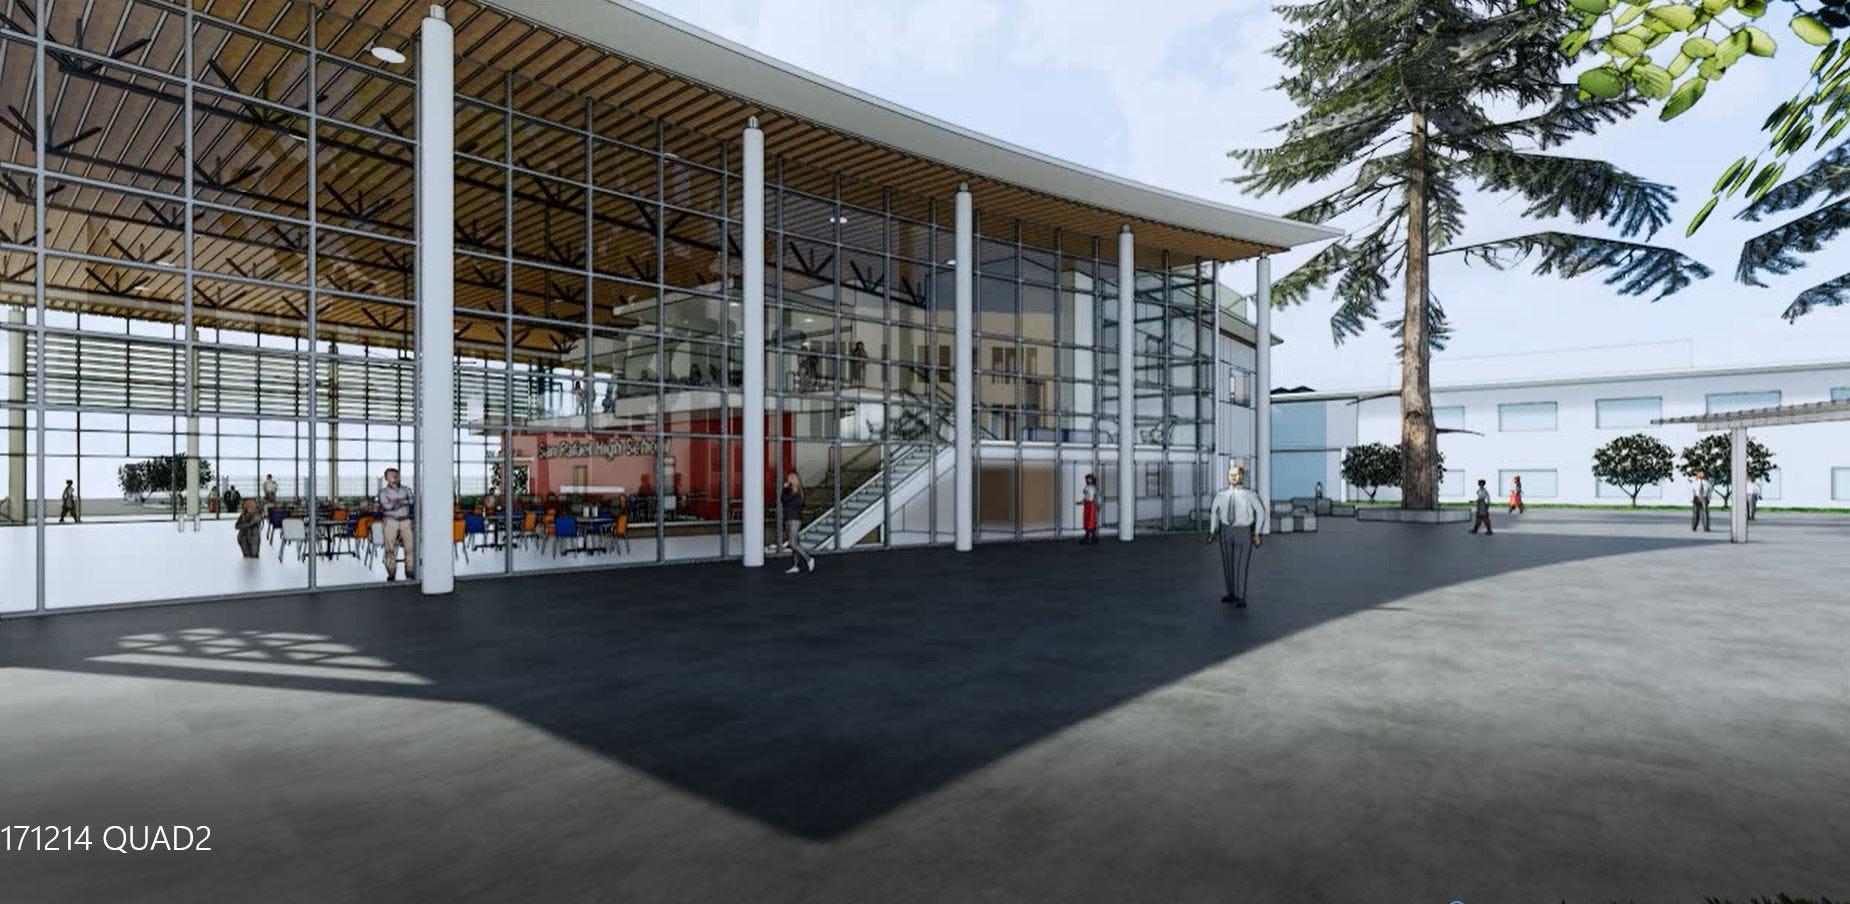 Image 2 srhs quad to building